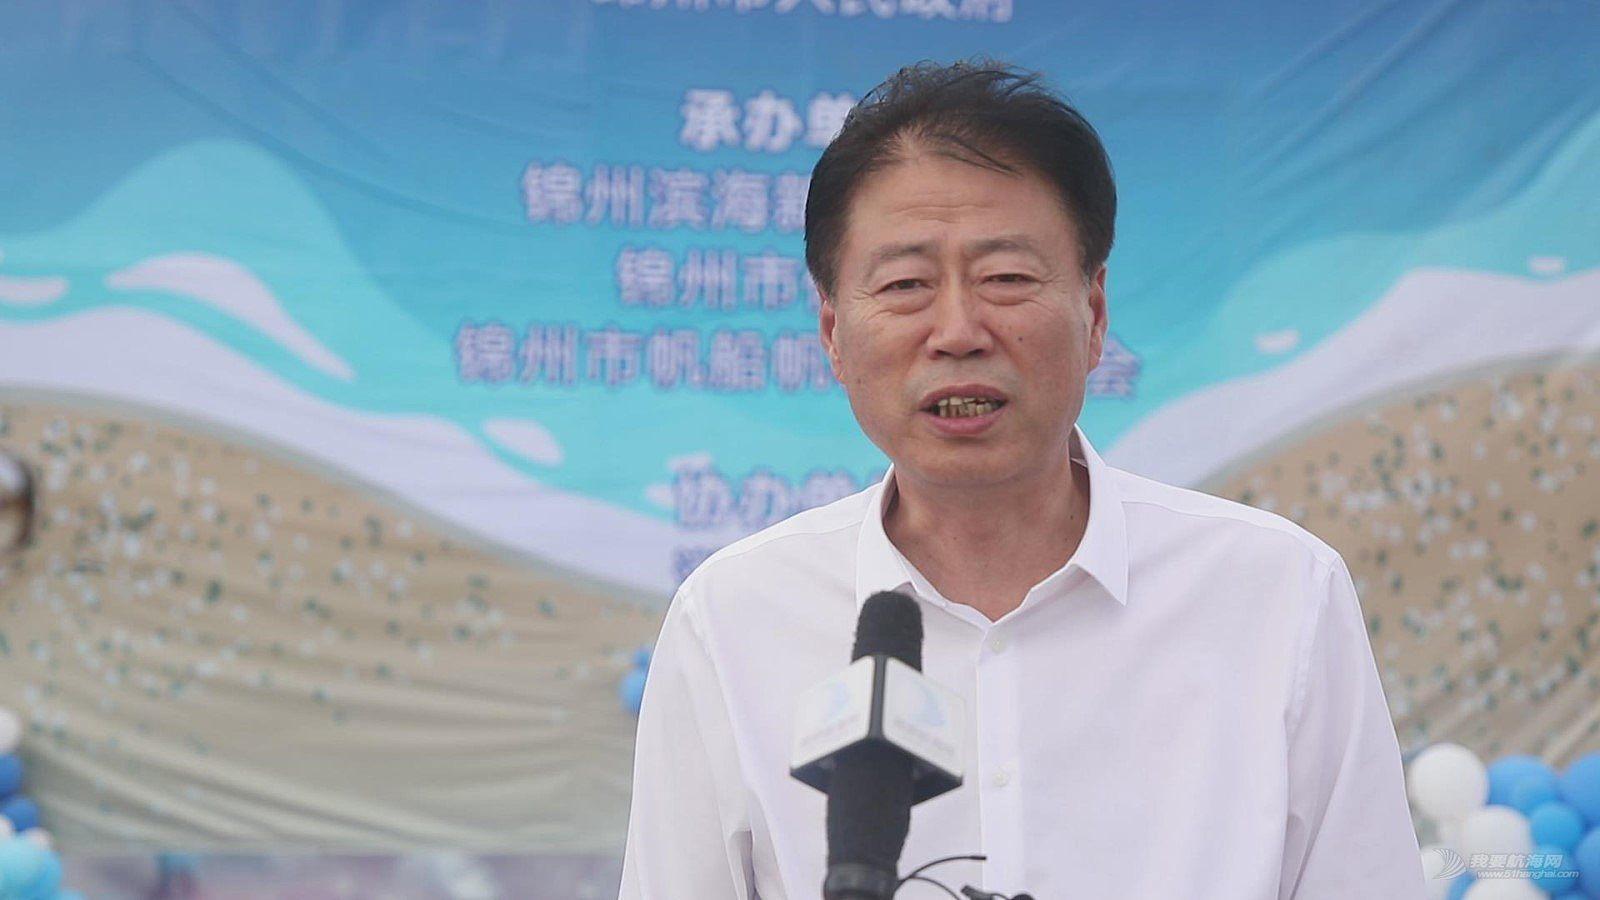 长风万里致帆远,渤海浪里举家欢 | 2018中国家庭帆船赛锦州站盛大起航